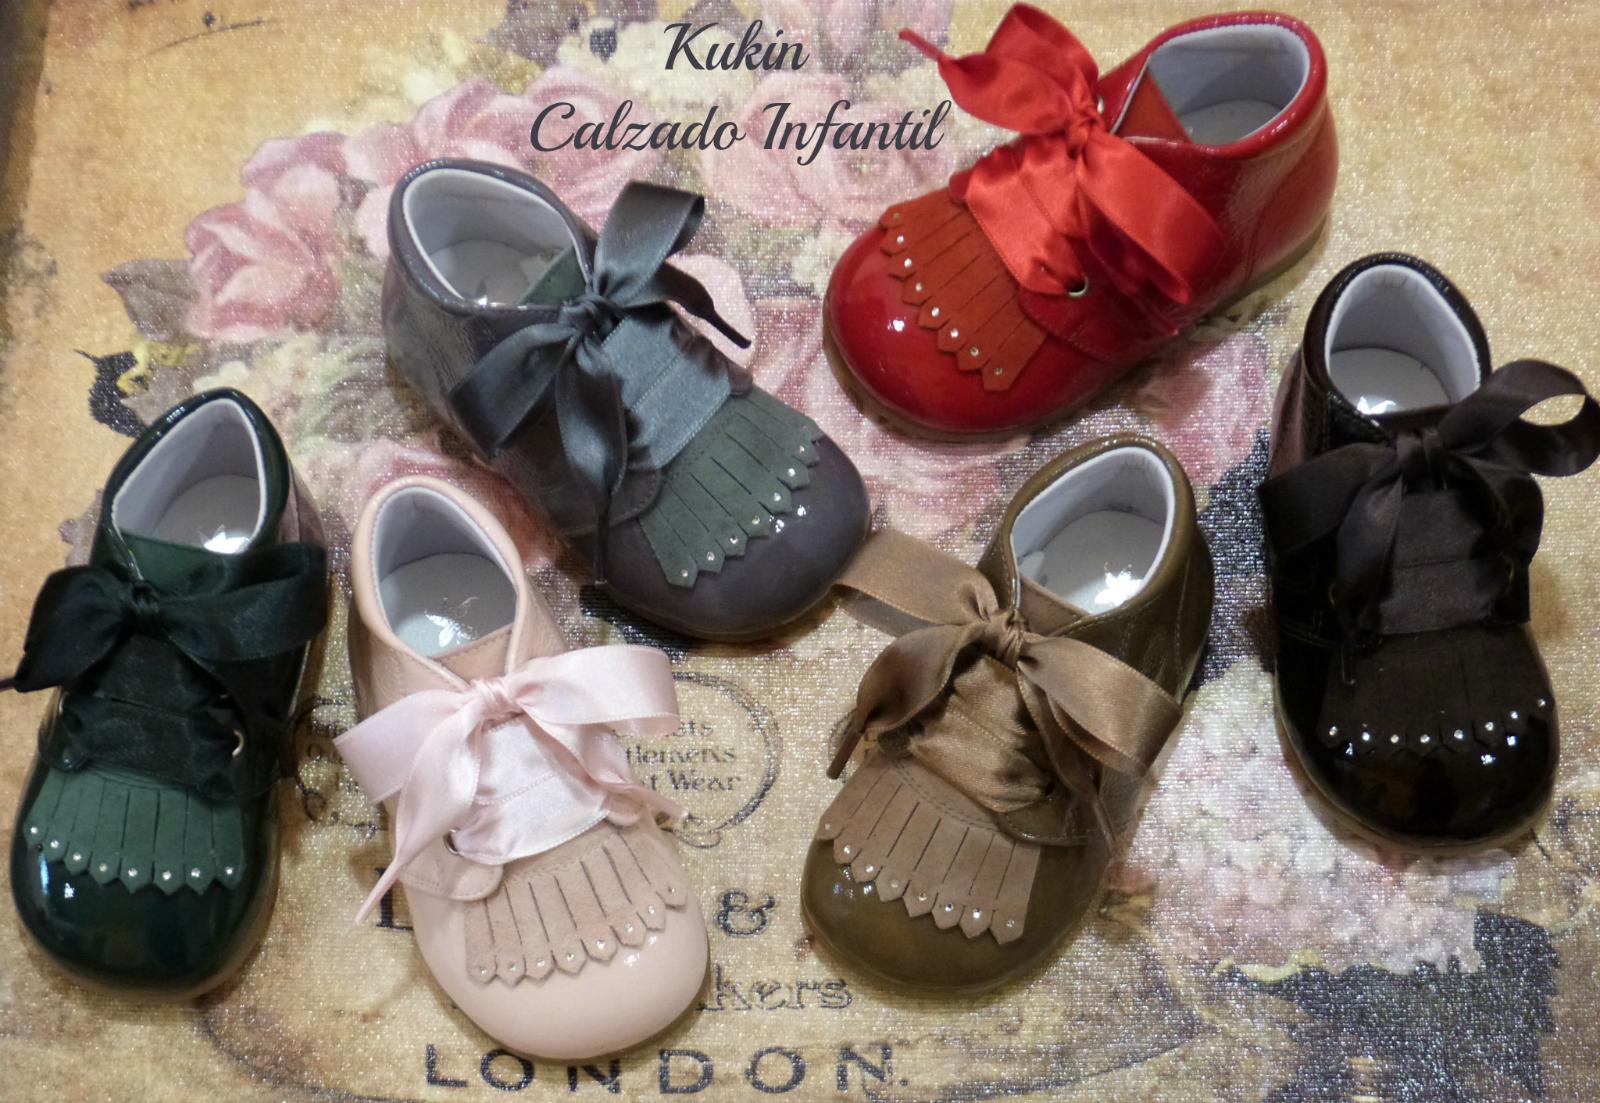 3307389d Rebajas Landos -50% - Kukin Calzado Infantil Blog